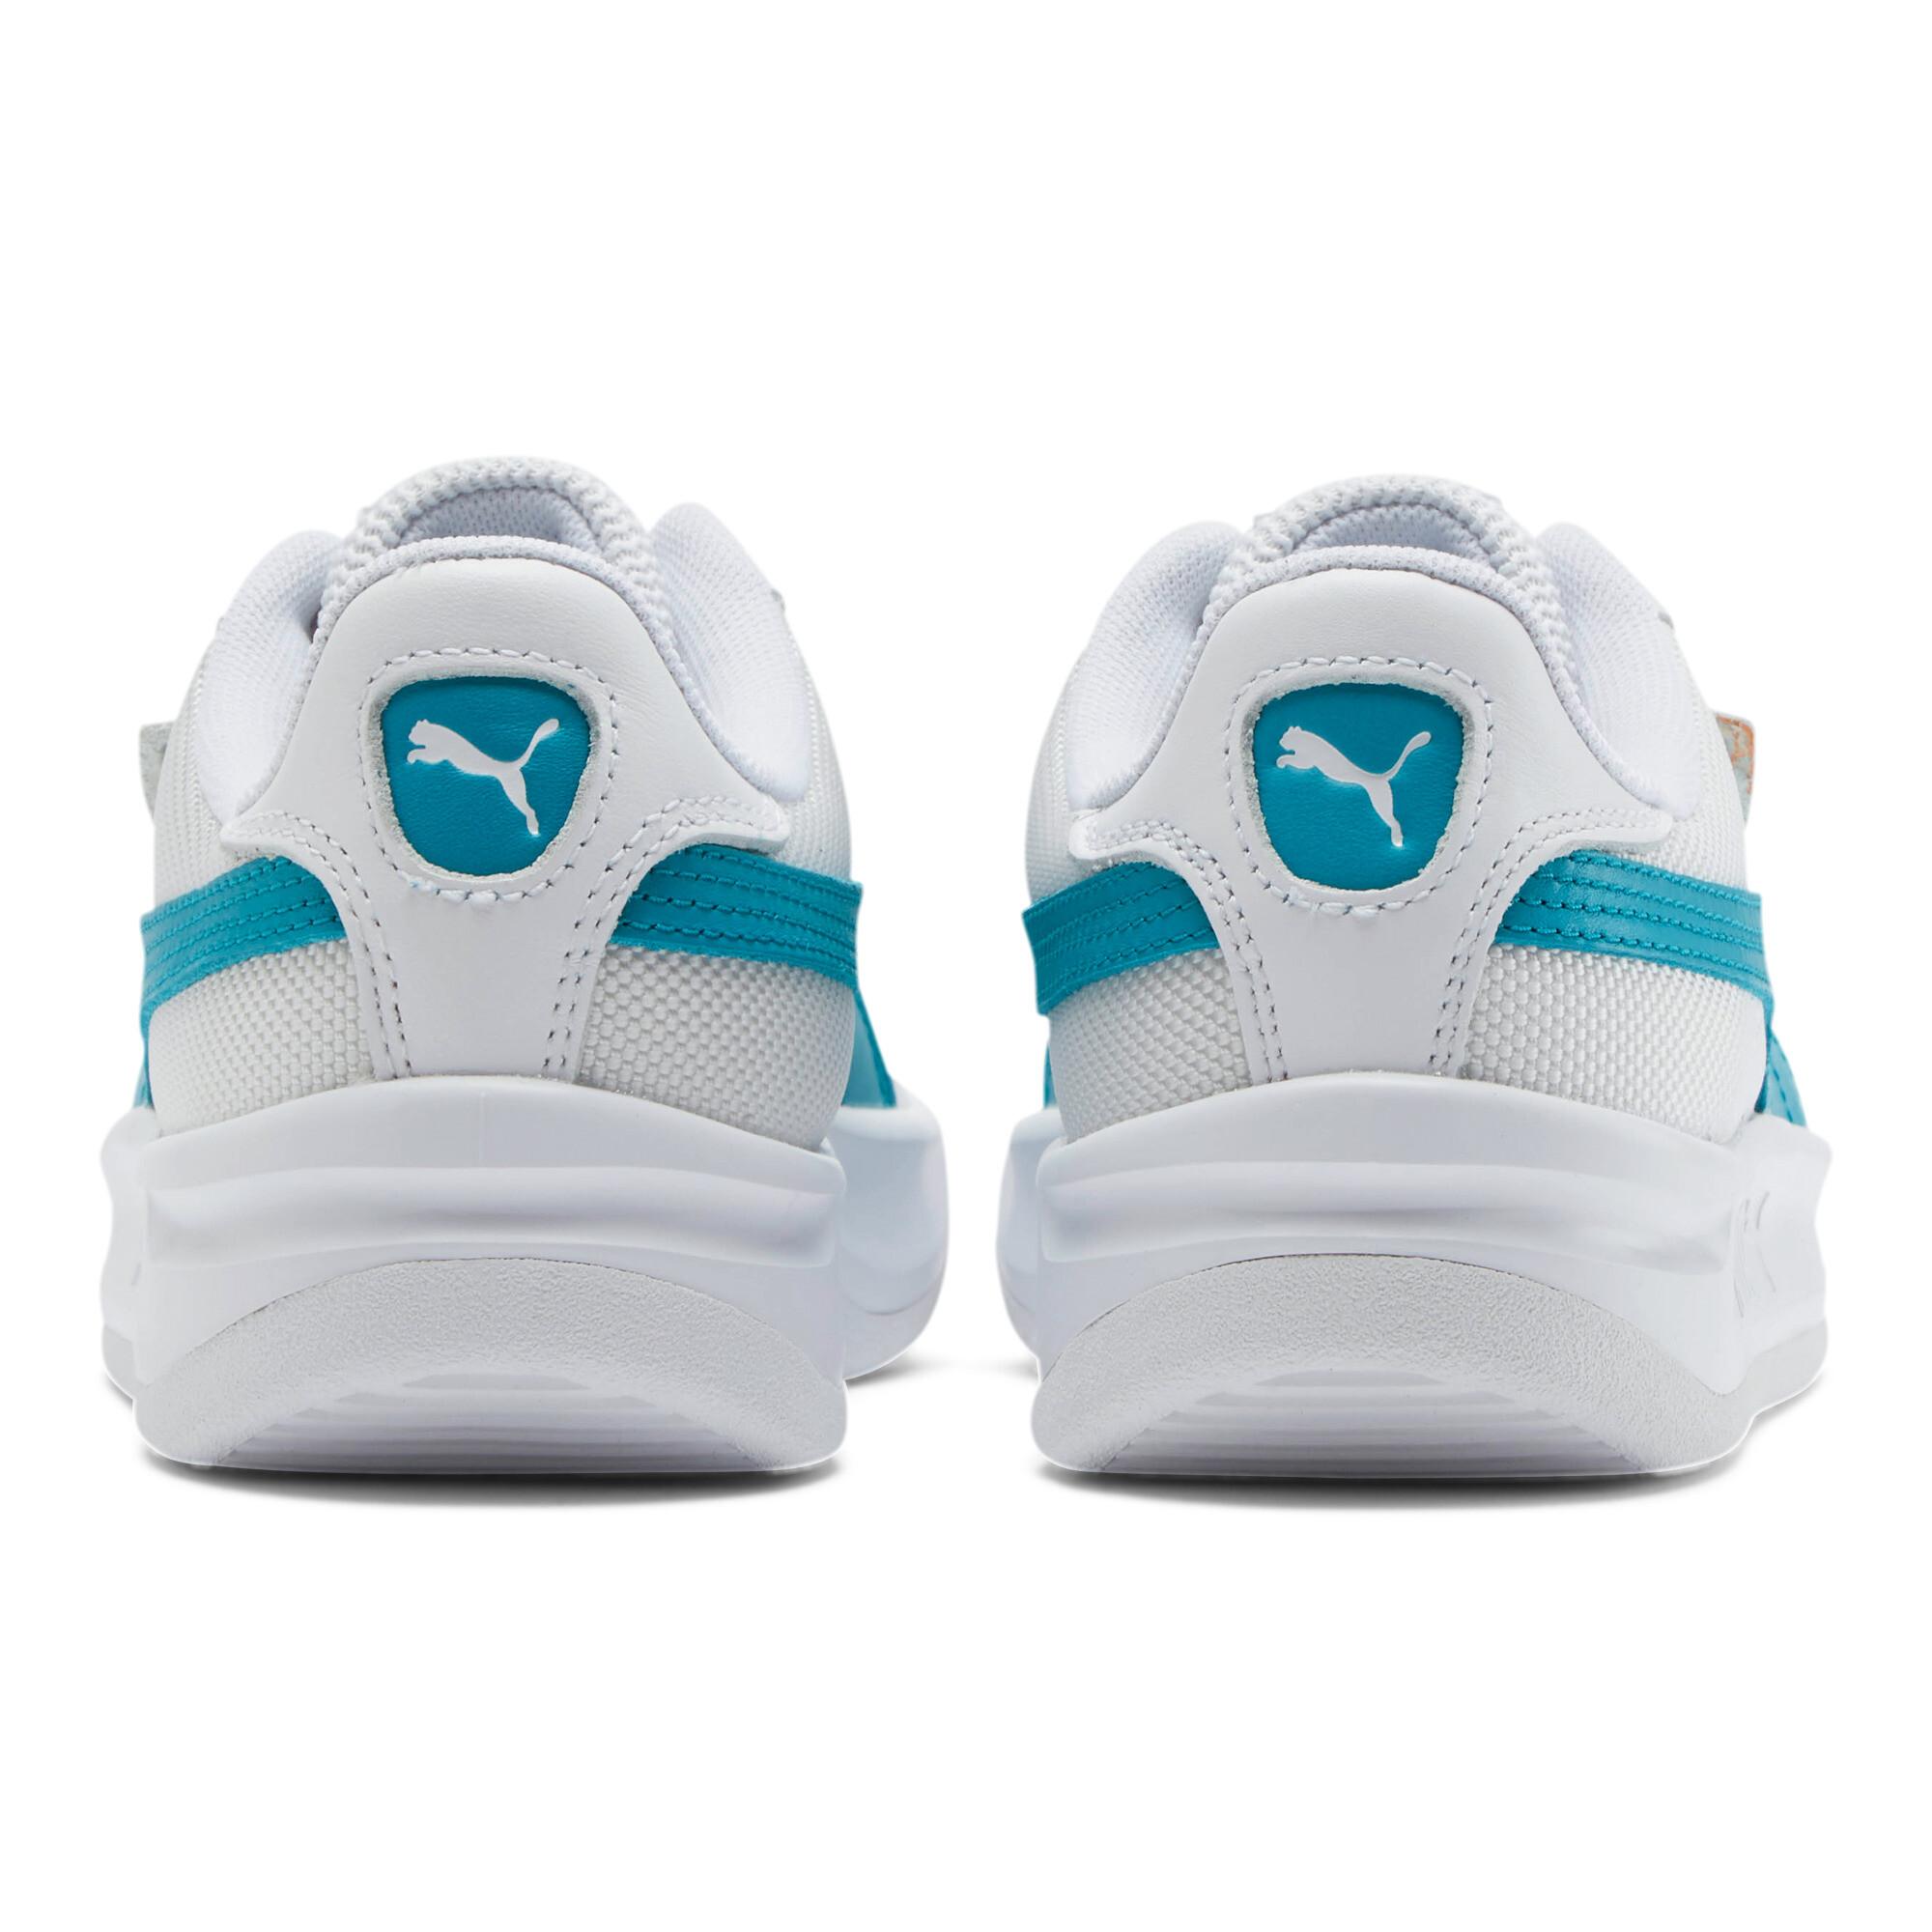 PUMA-California-Women-039-s-Sneakers-Women-Shoe-Sport-Classics thumbnail 20